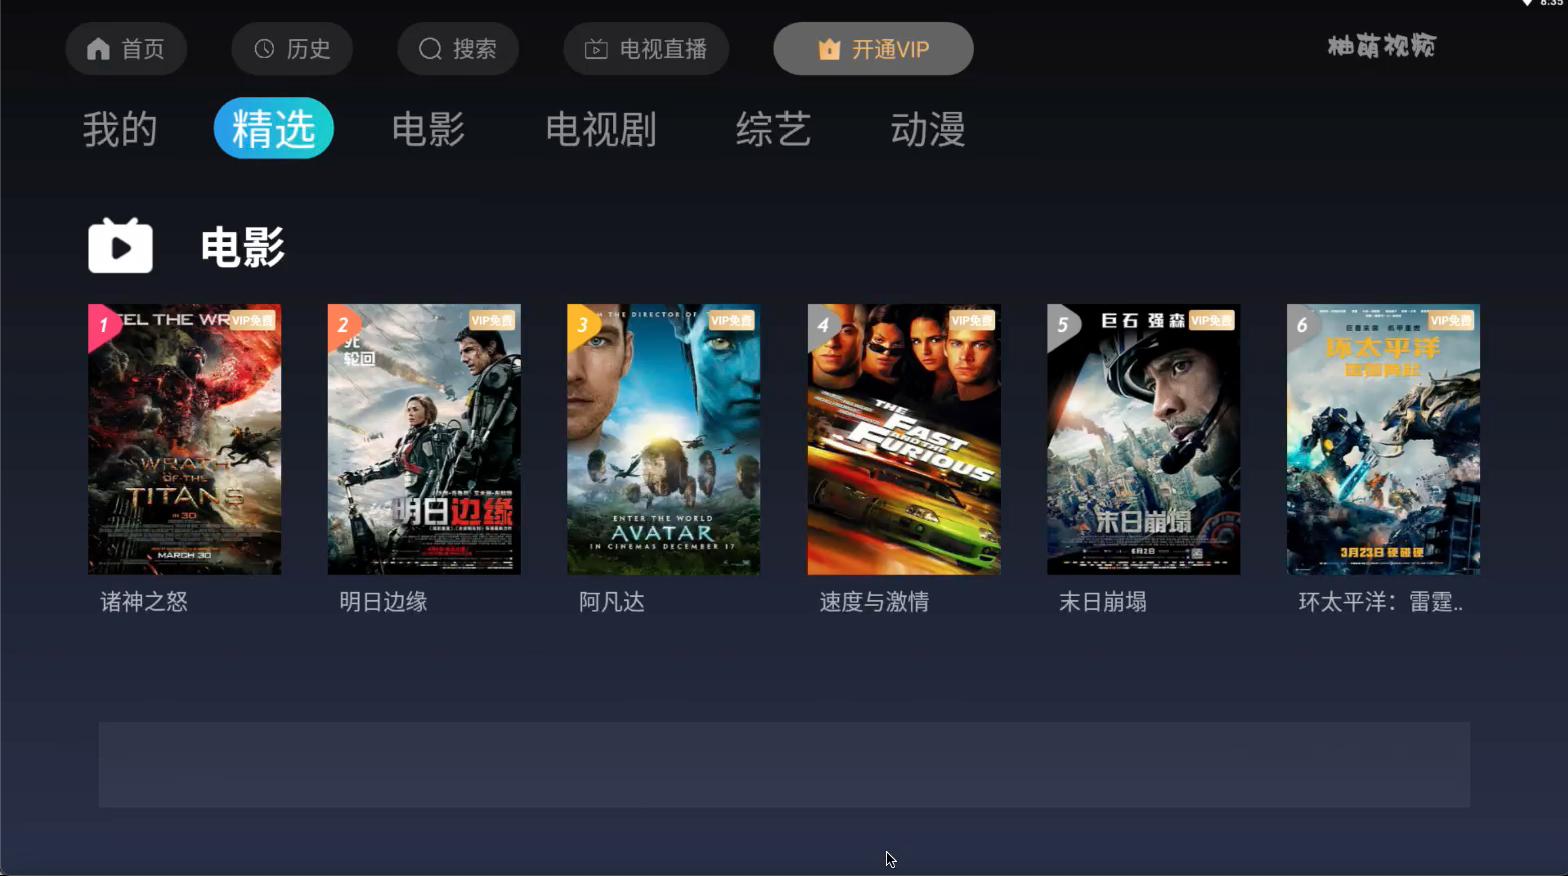 苹果CMS影视tv原生app源码乐檬源码乐看多维影视Android Stuiod源码-常网小站Miknio